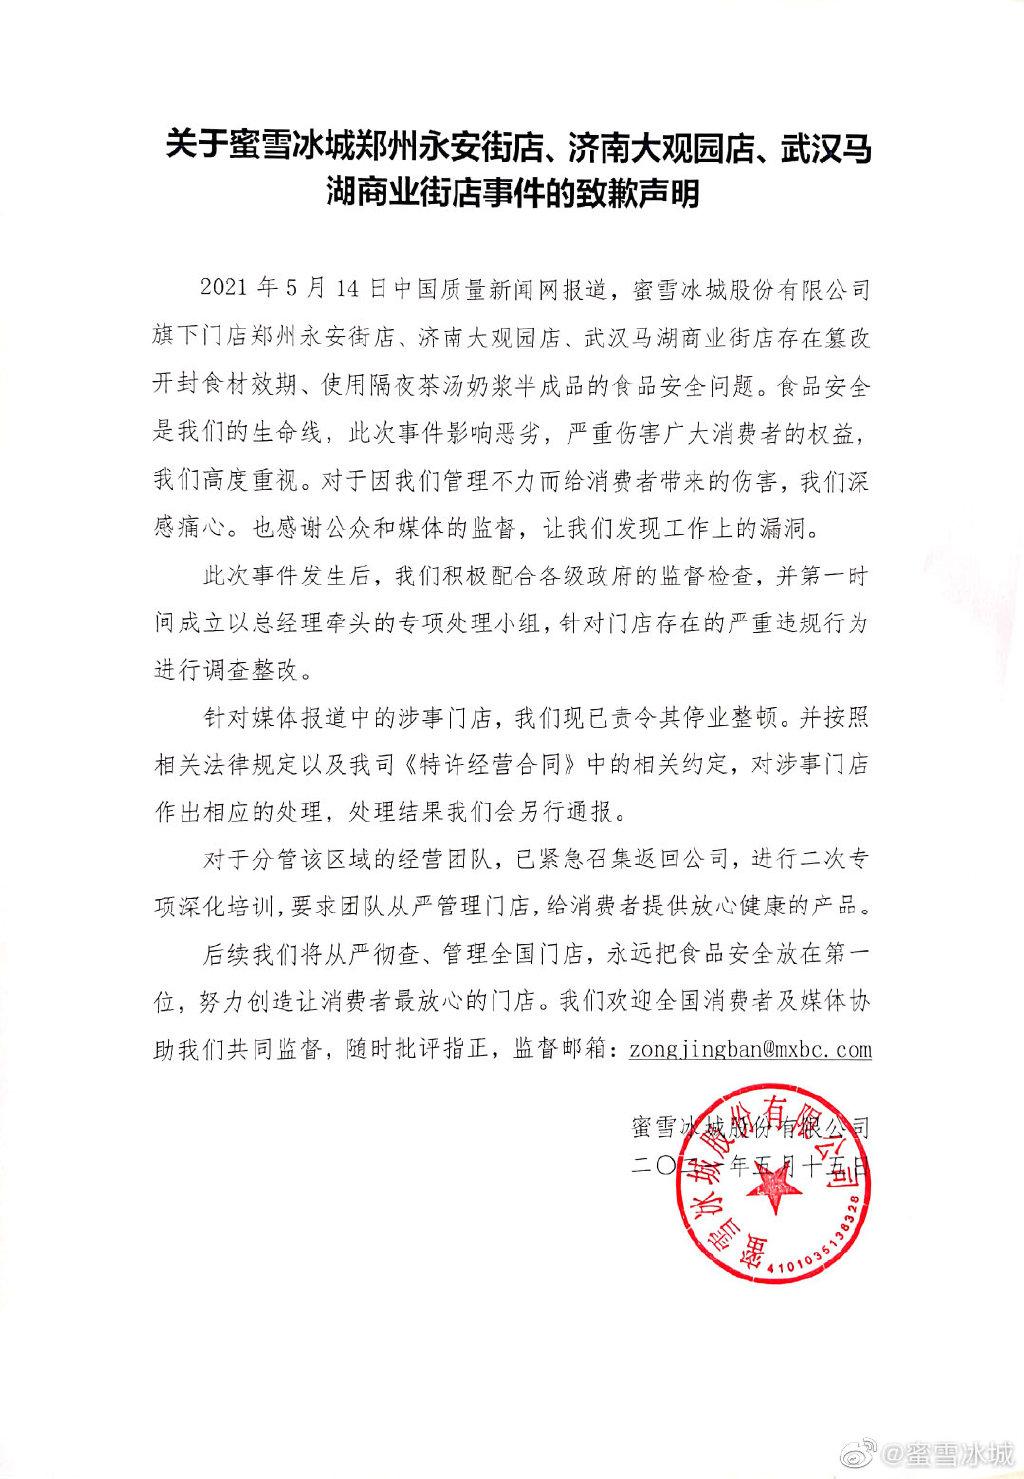 """被曝篡改食材开封日期等,""""蜜雪冰城""""致歉:涉事门店停业整顿"""